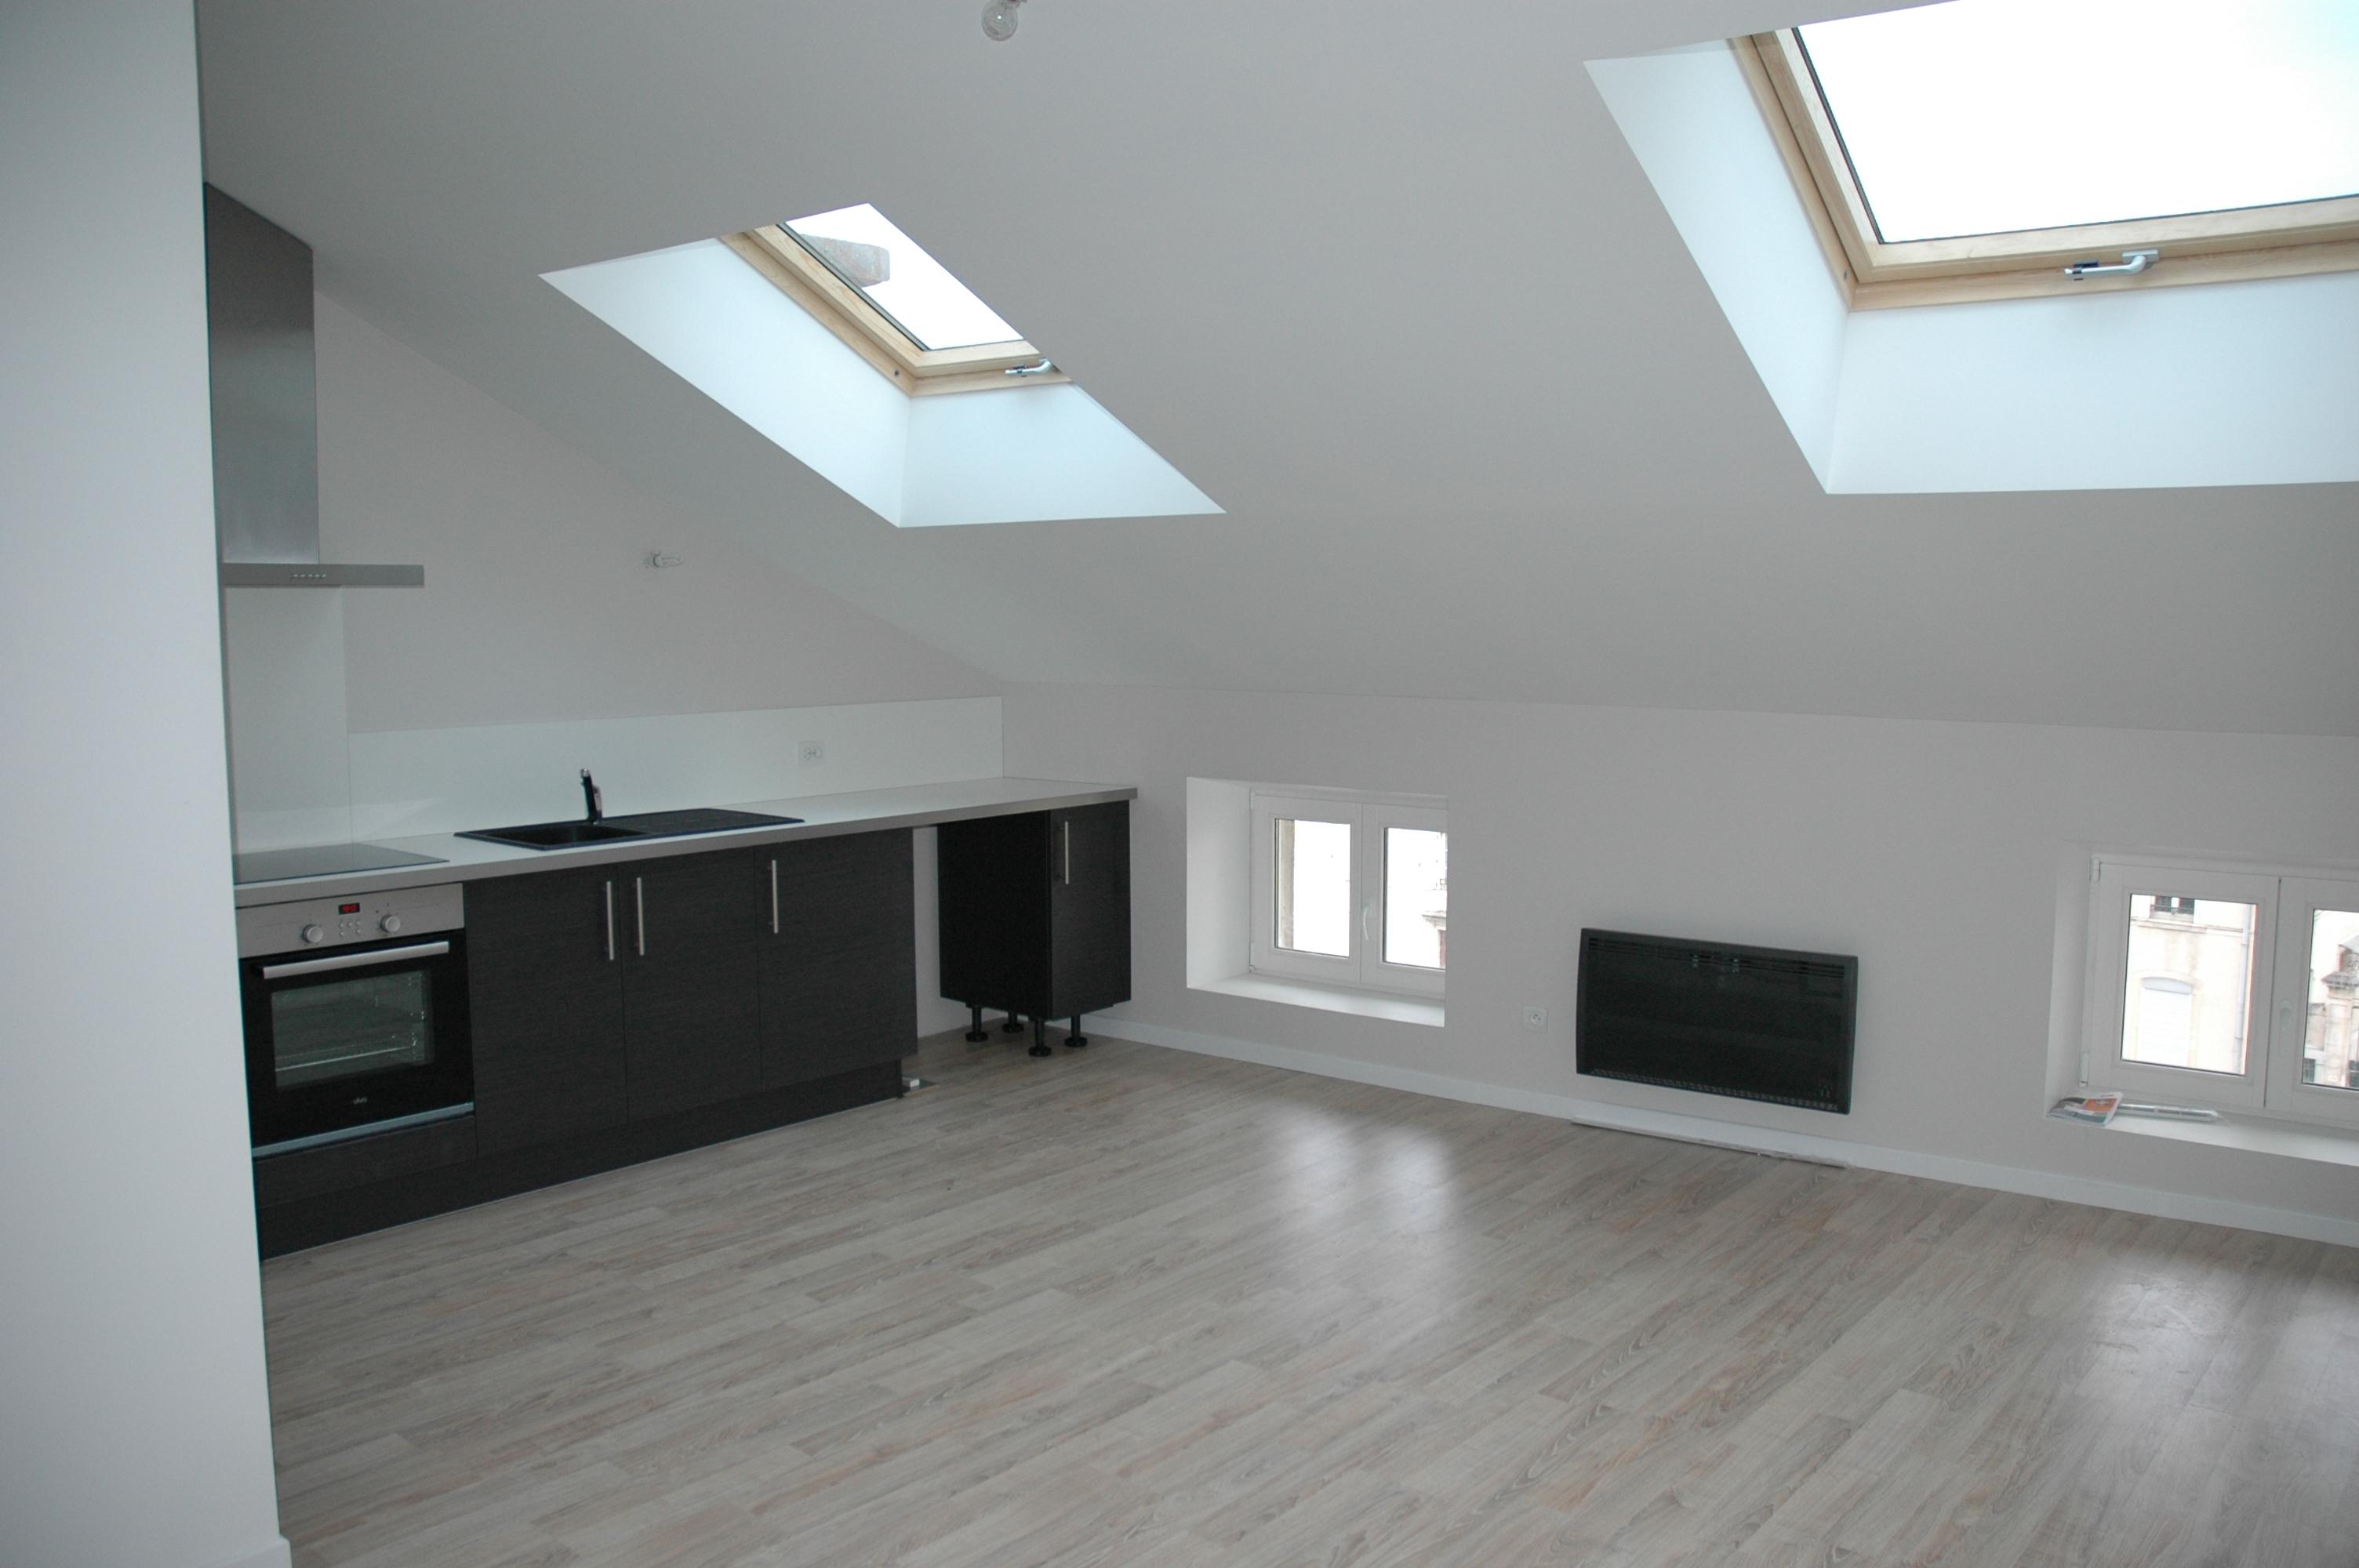 salle de bain sous pente de toit loft conversion small attic bathroom with salle de bain sous. Black Bedroom Furniture Sets. Home Design Ideas